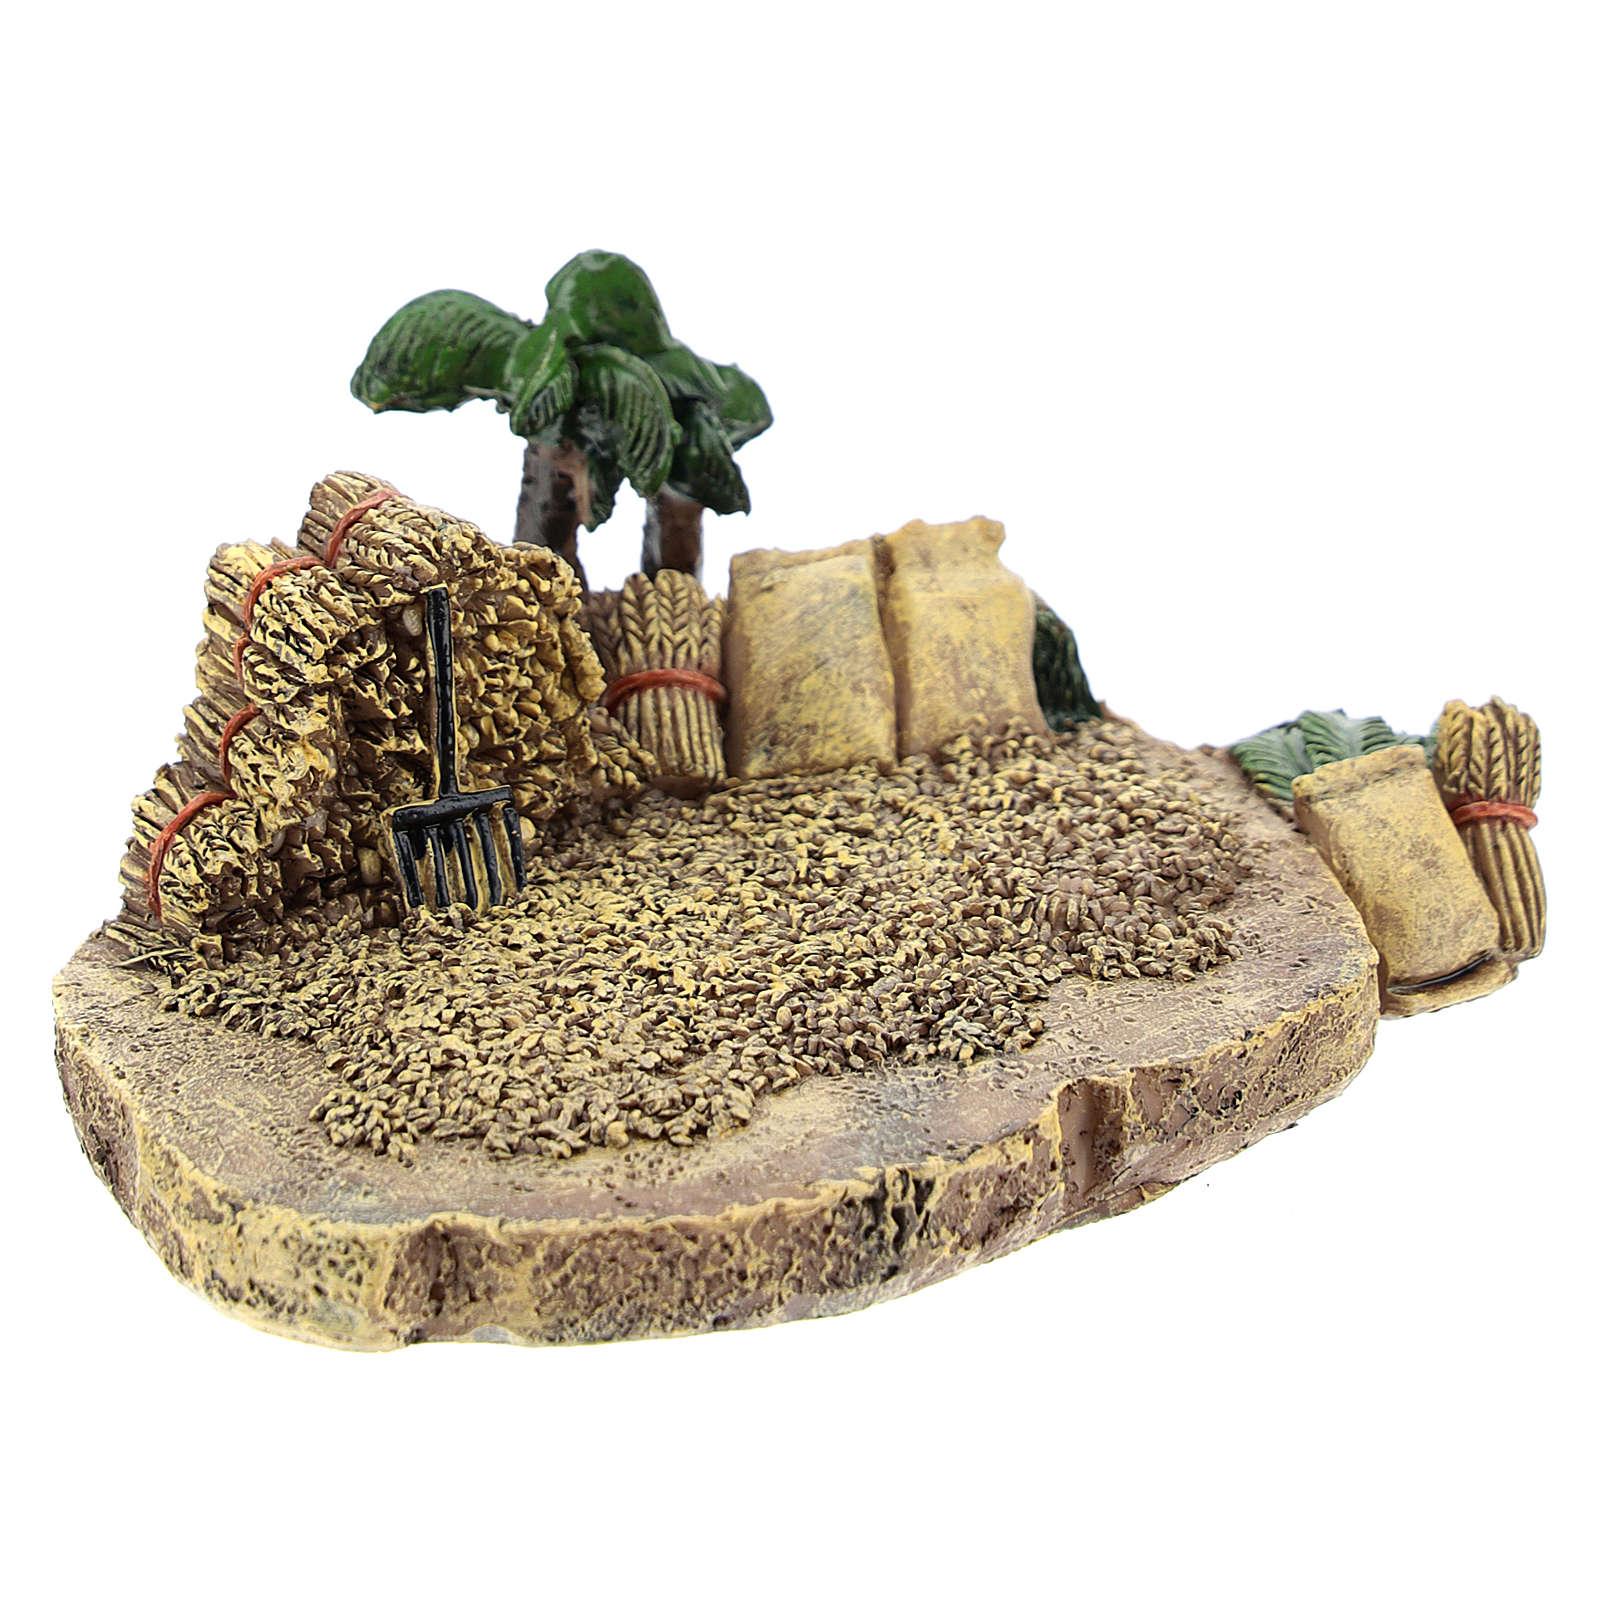 Campo de trigo em resina 4x7x10 cm para presépio com figuras de 4 cm de altura média 4